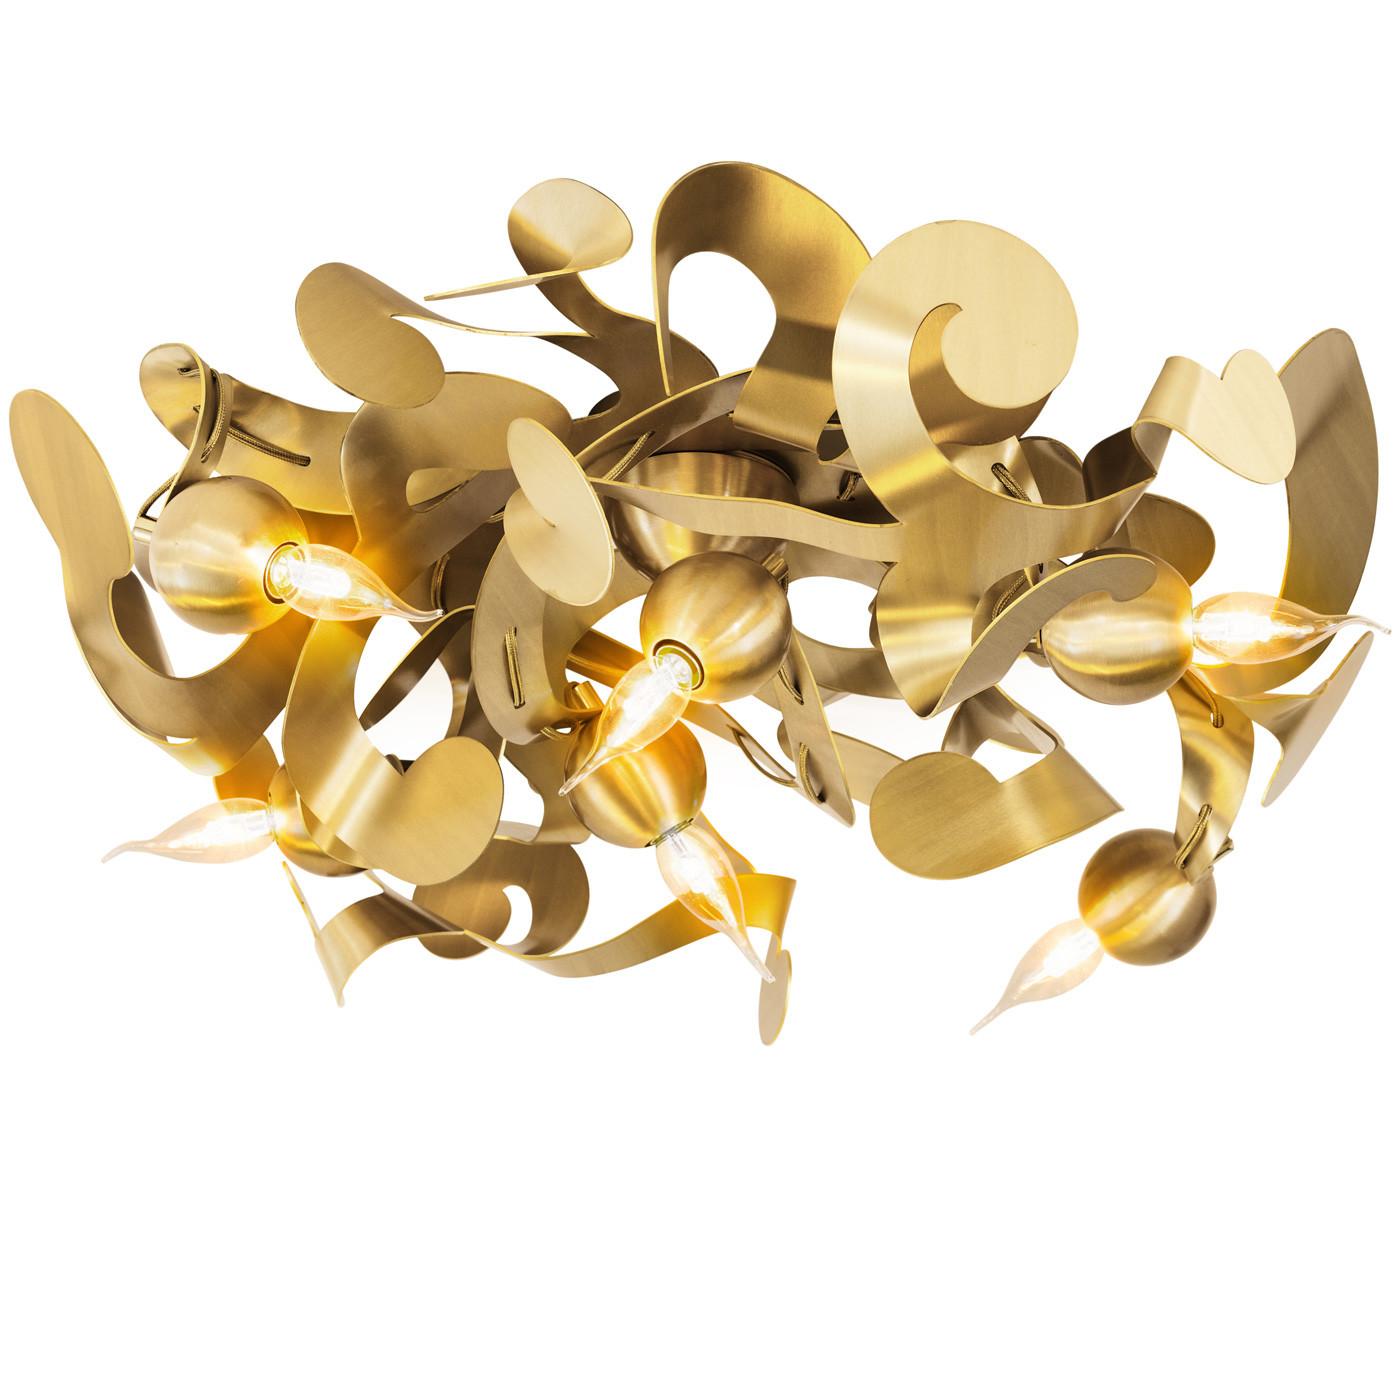 Brand van Egmond Kelp Round Deckenleuchte